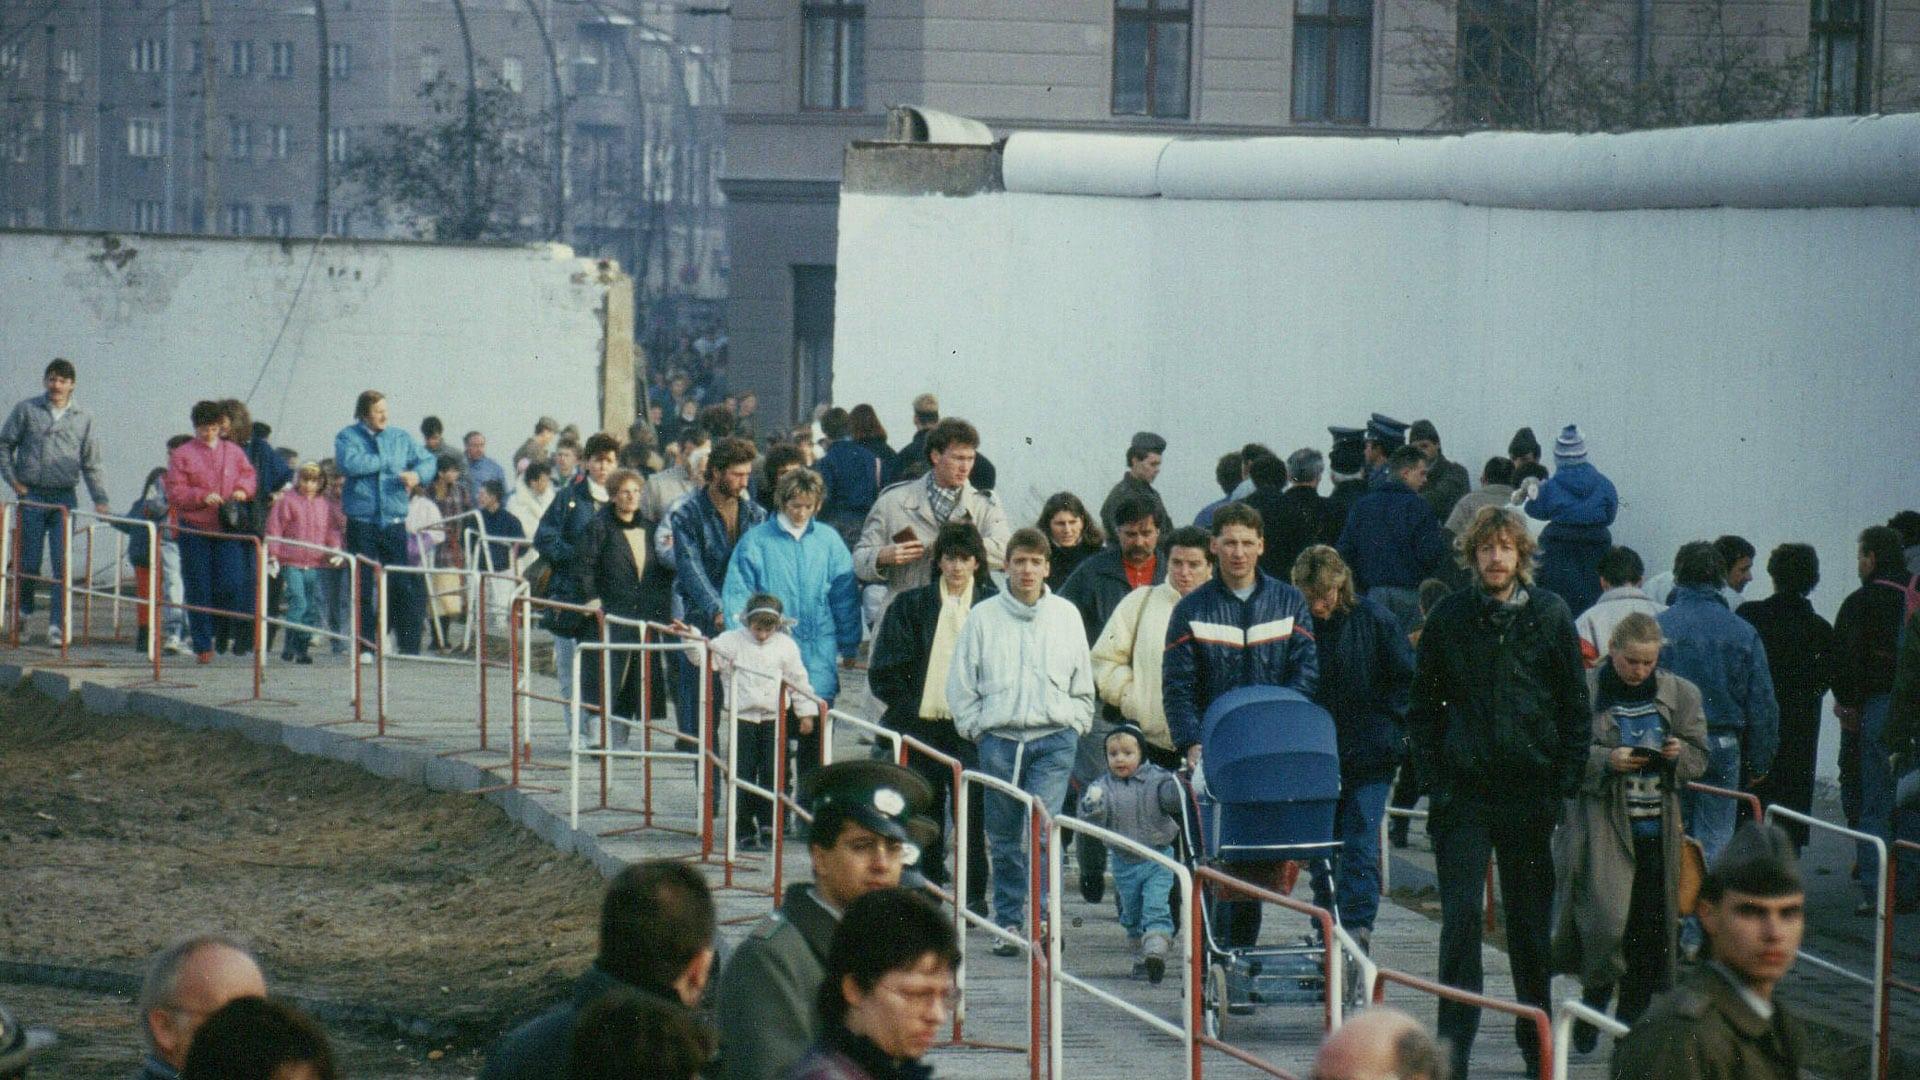 Nach dem 9. November 1989 konnten Menschen zwischen dem Ost- und dem Westteil Berlins hin und her spazieren. Bis zu diesem Datum war das unvorstellbar. Mehr Impressionen zum Mauerfall in der pro-Bilderstrecke